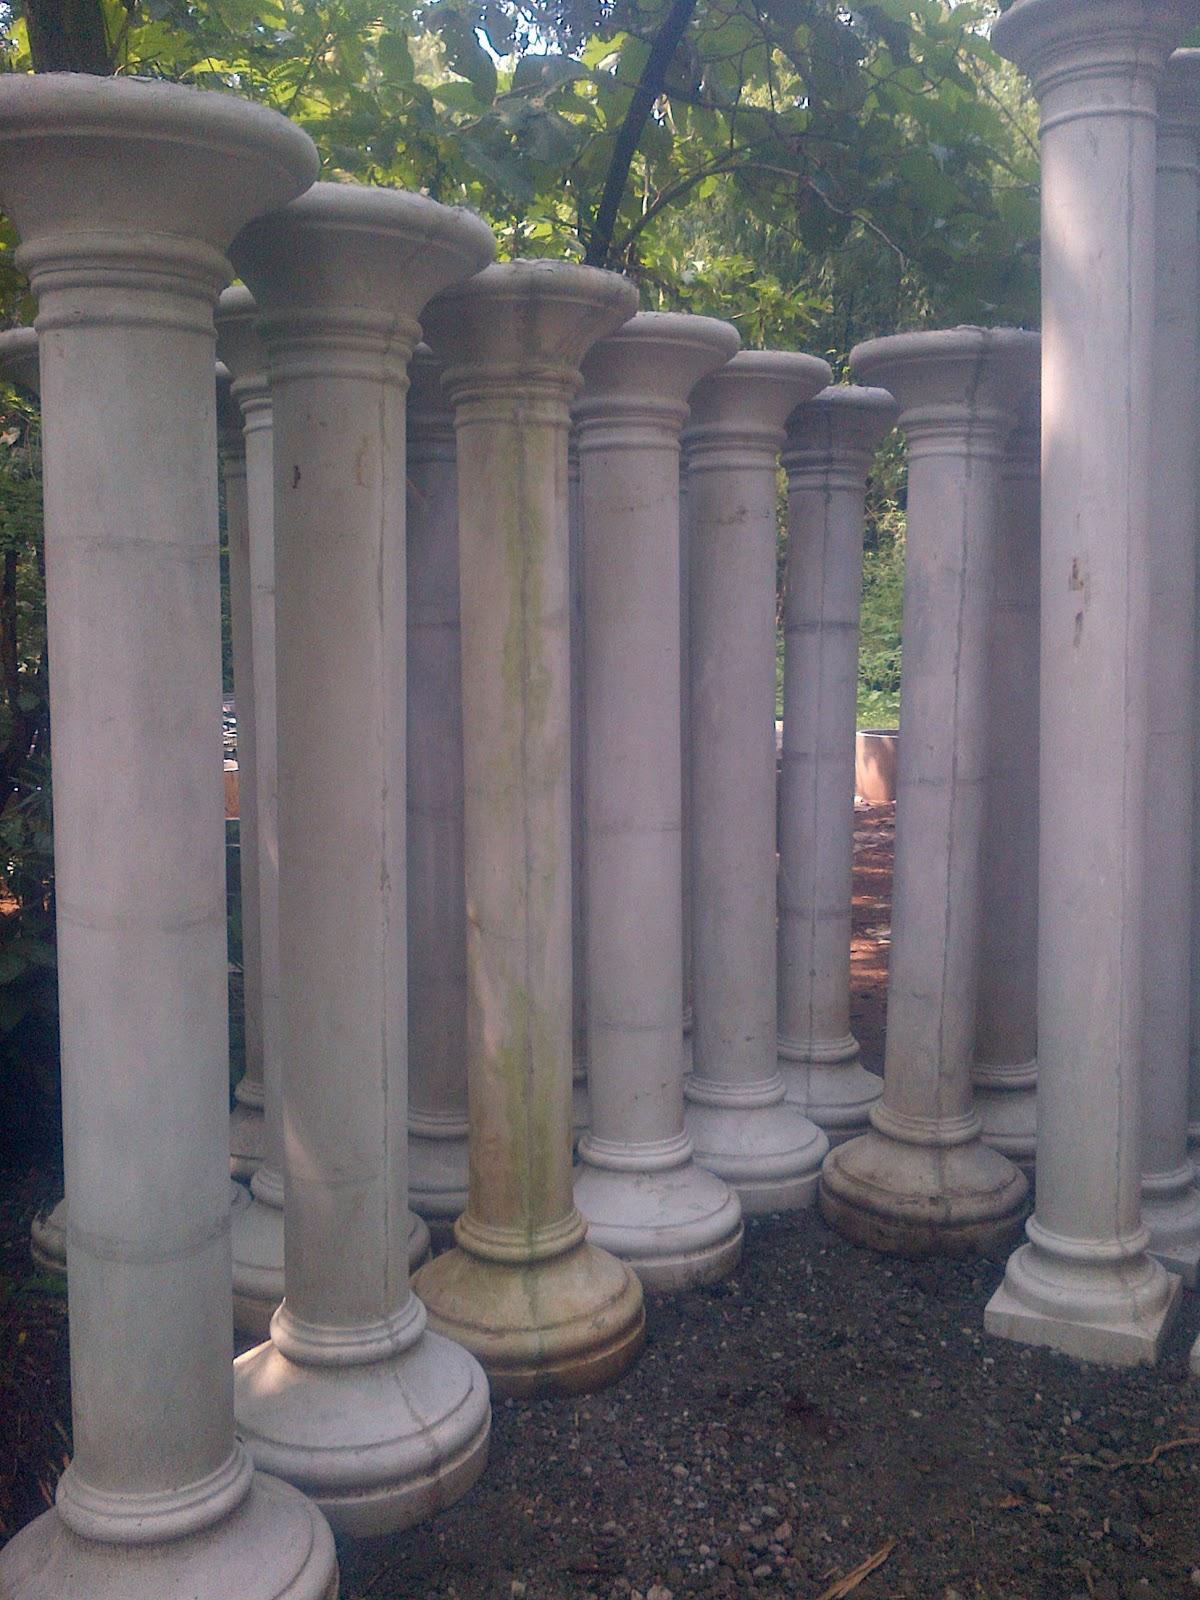 Sanjaya Profil Beton: Pilar blombong Tiang Teras rumah